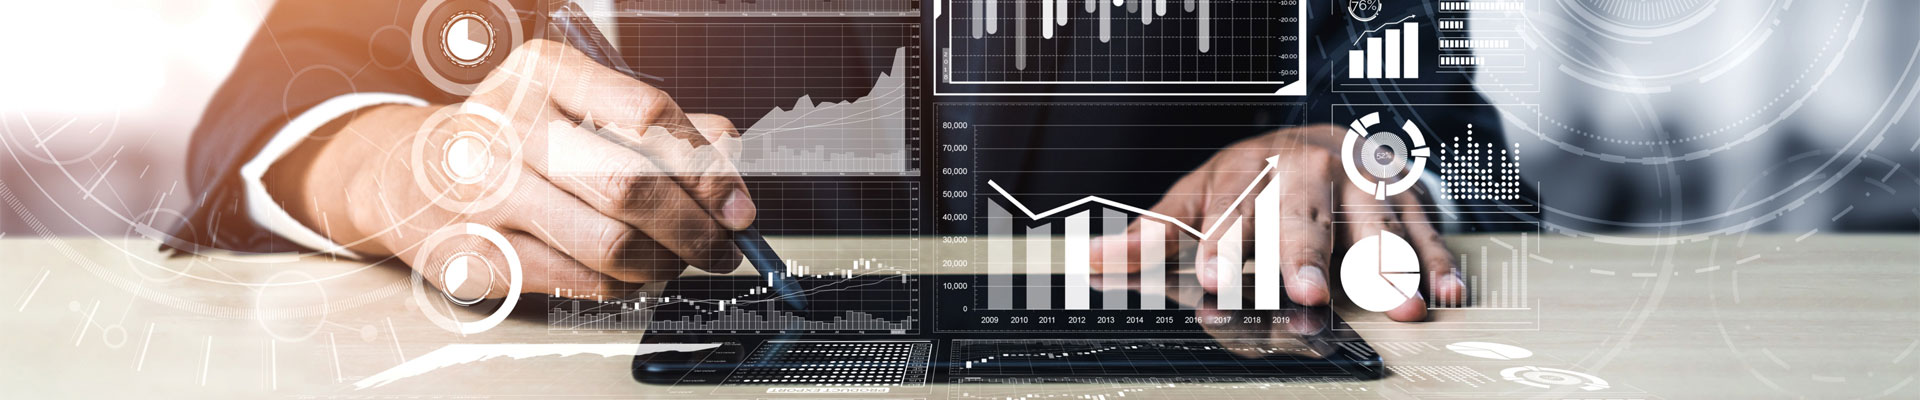 Innolytics-Riskomanagement-Tools-Unternehmen